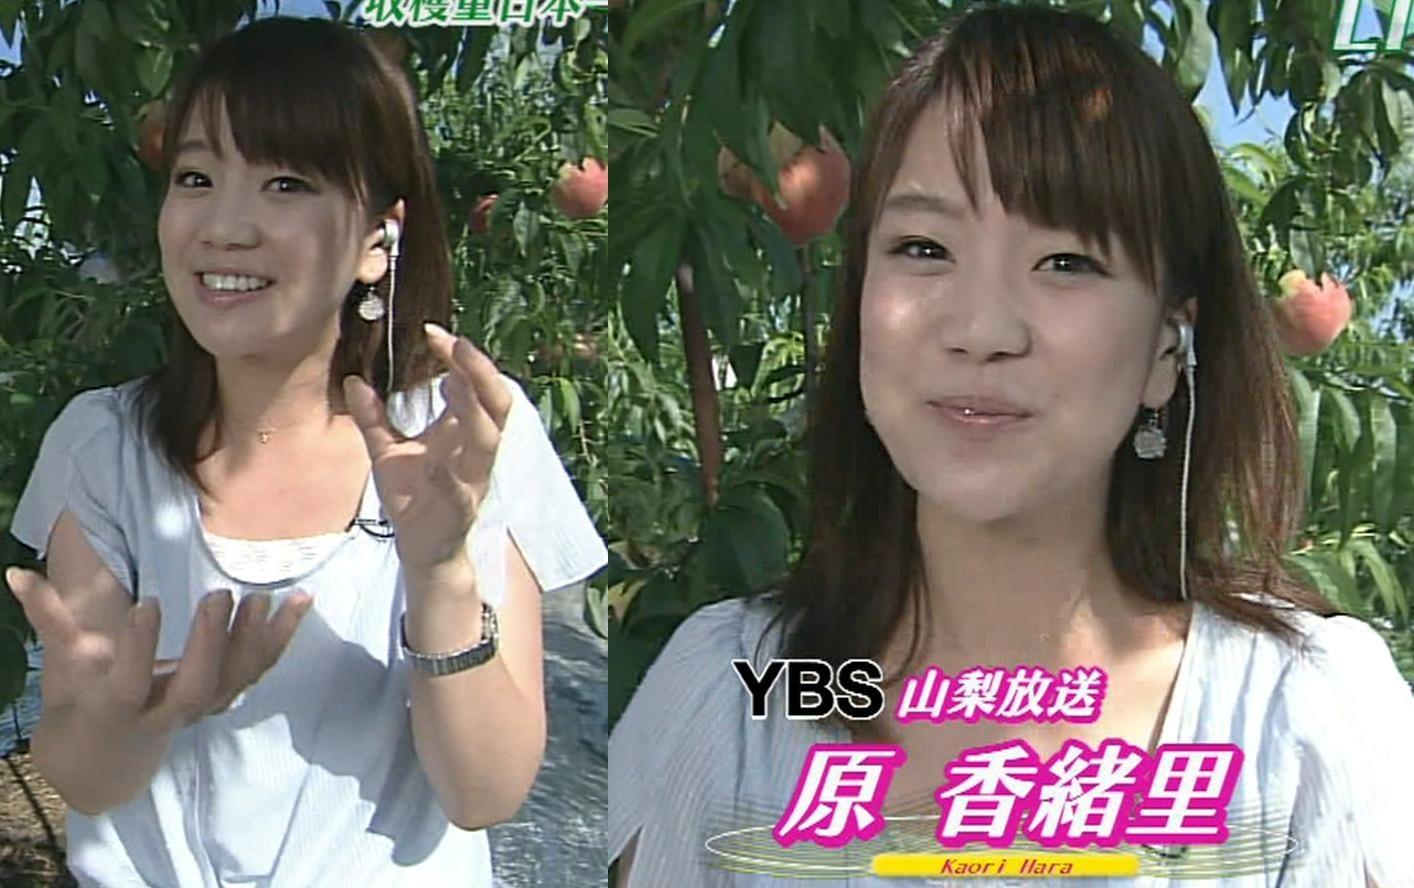 原香緒里 地方のかわいいアナウンサーキャプ画像(エロ・アイコラ画像)